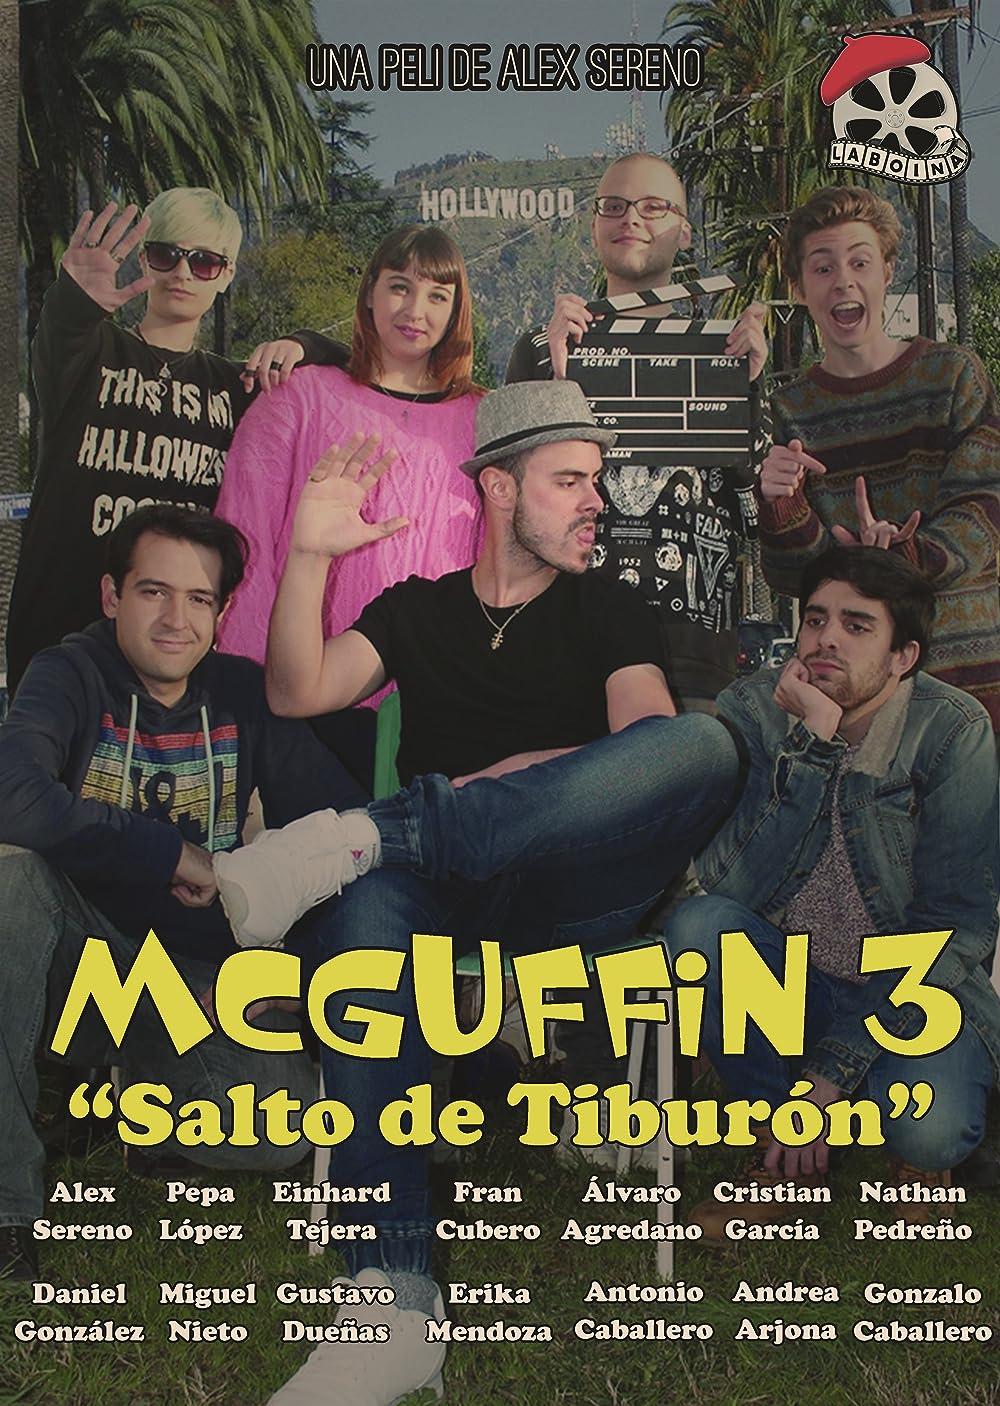 McGuffin 3: Salto de Tiburón 2016